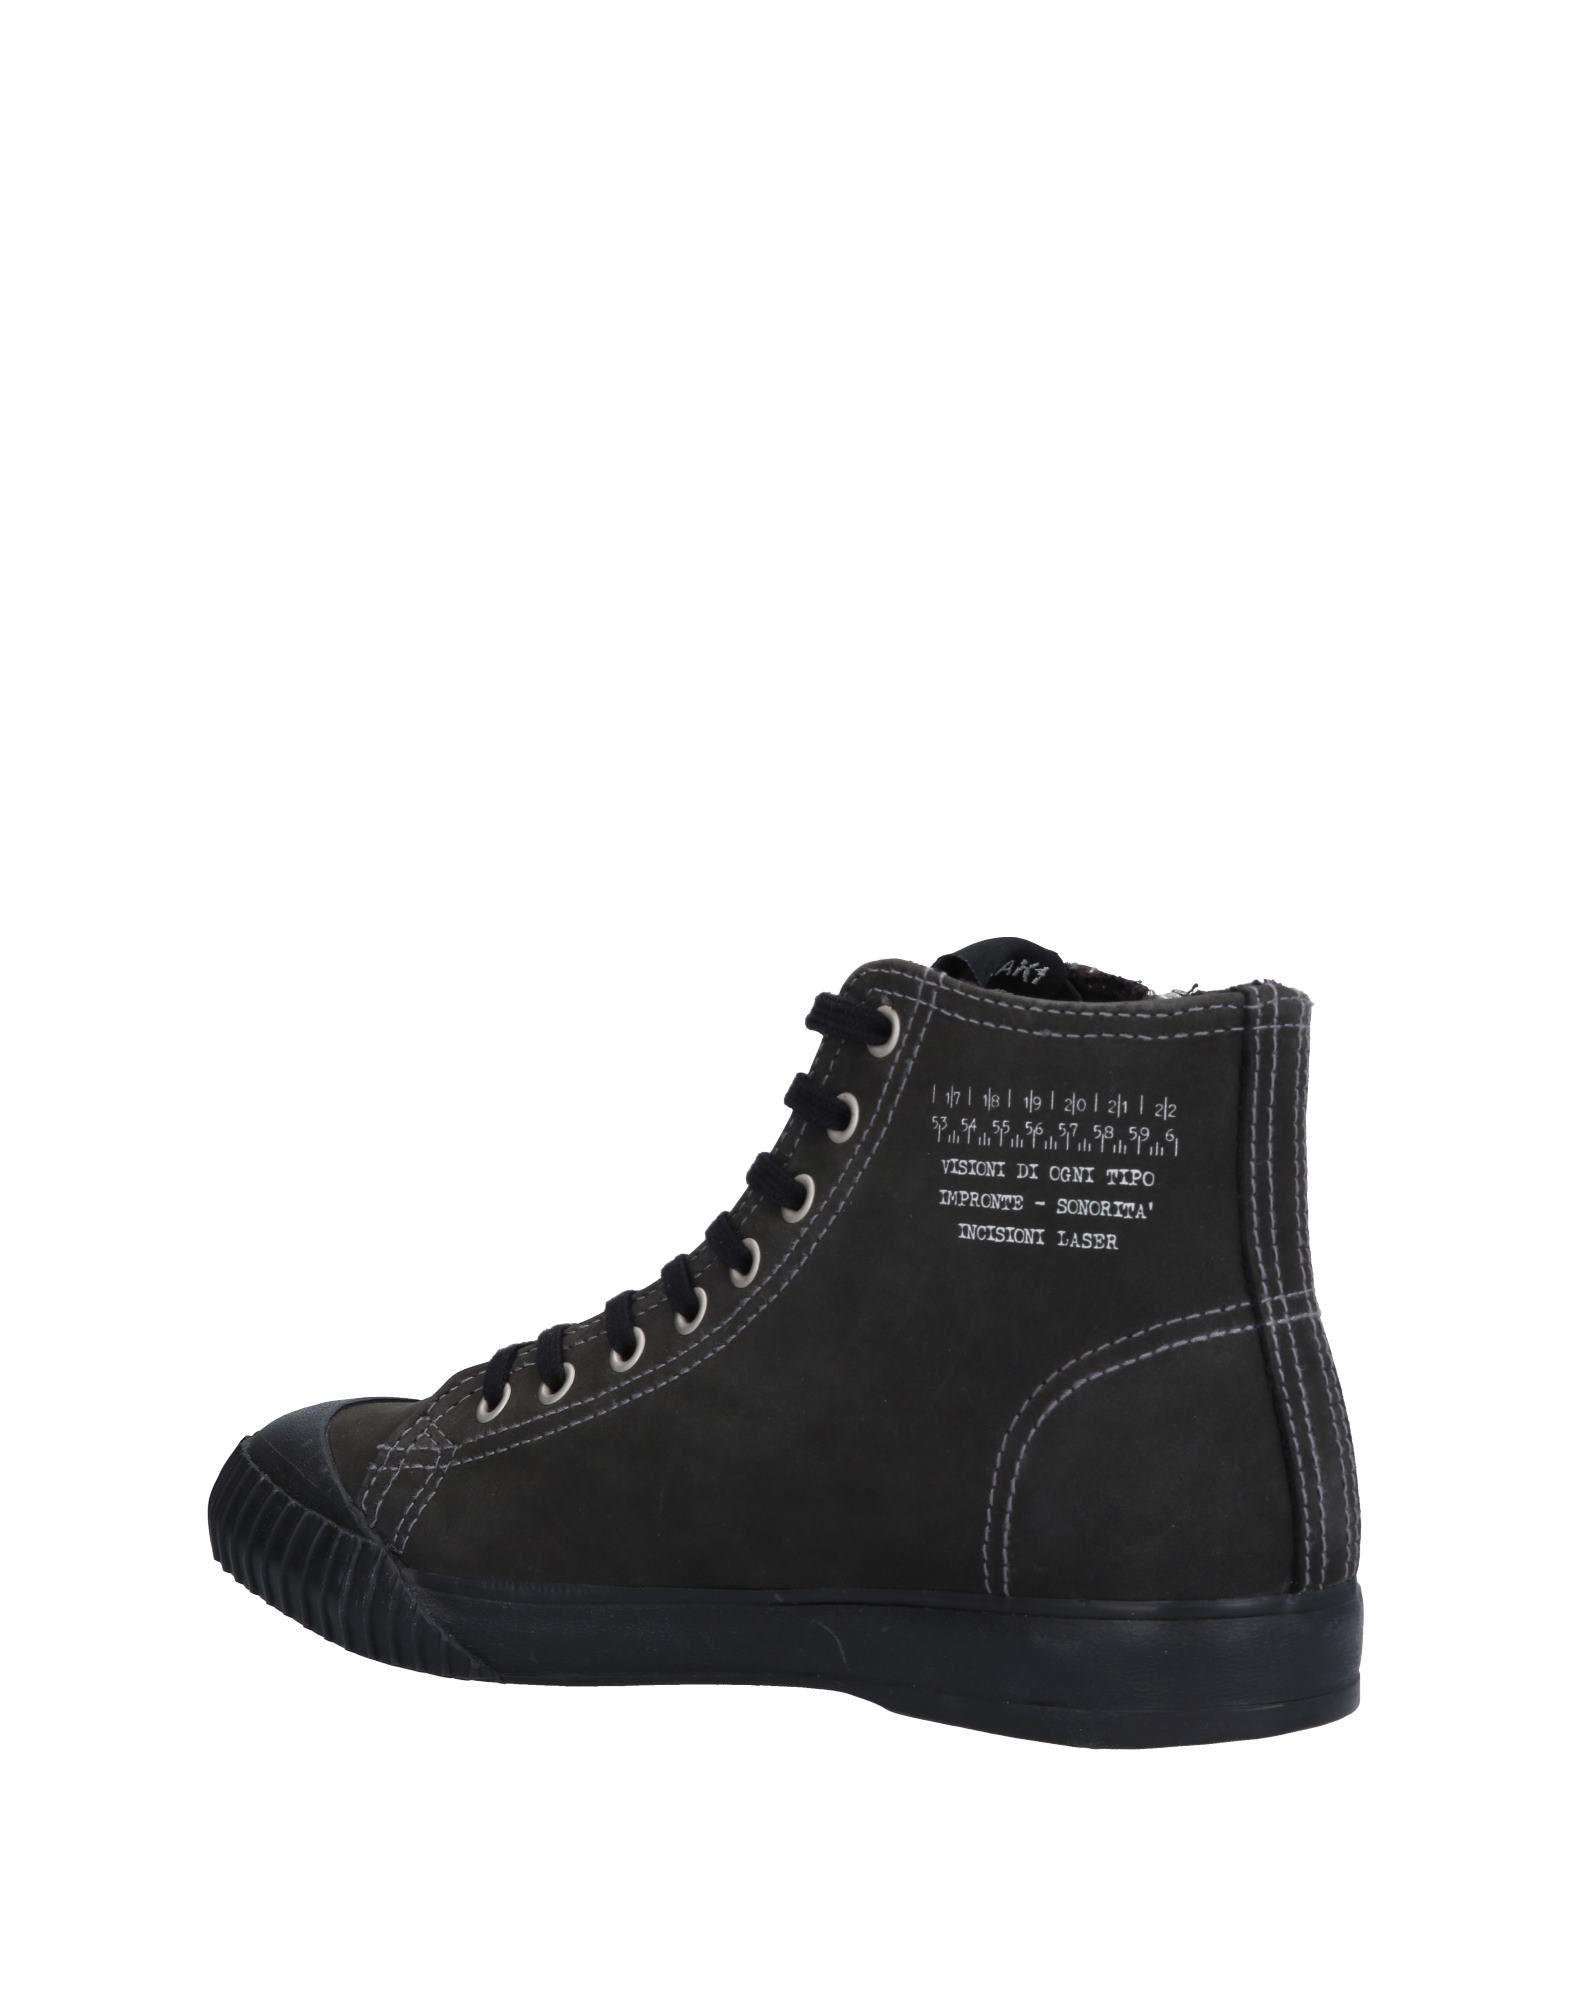 Cult Sneakers Damen beliebte  11498349VK Gute Qualität beliebte Damen Schuhe c37cbb